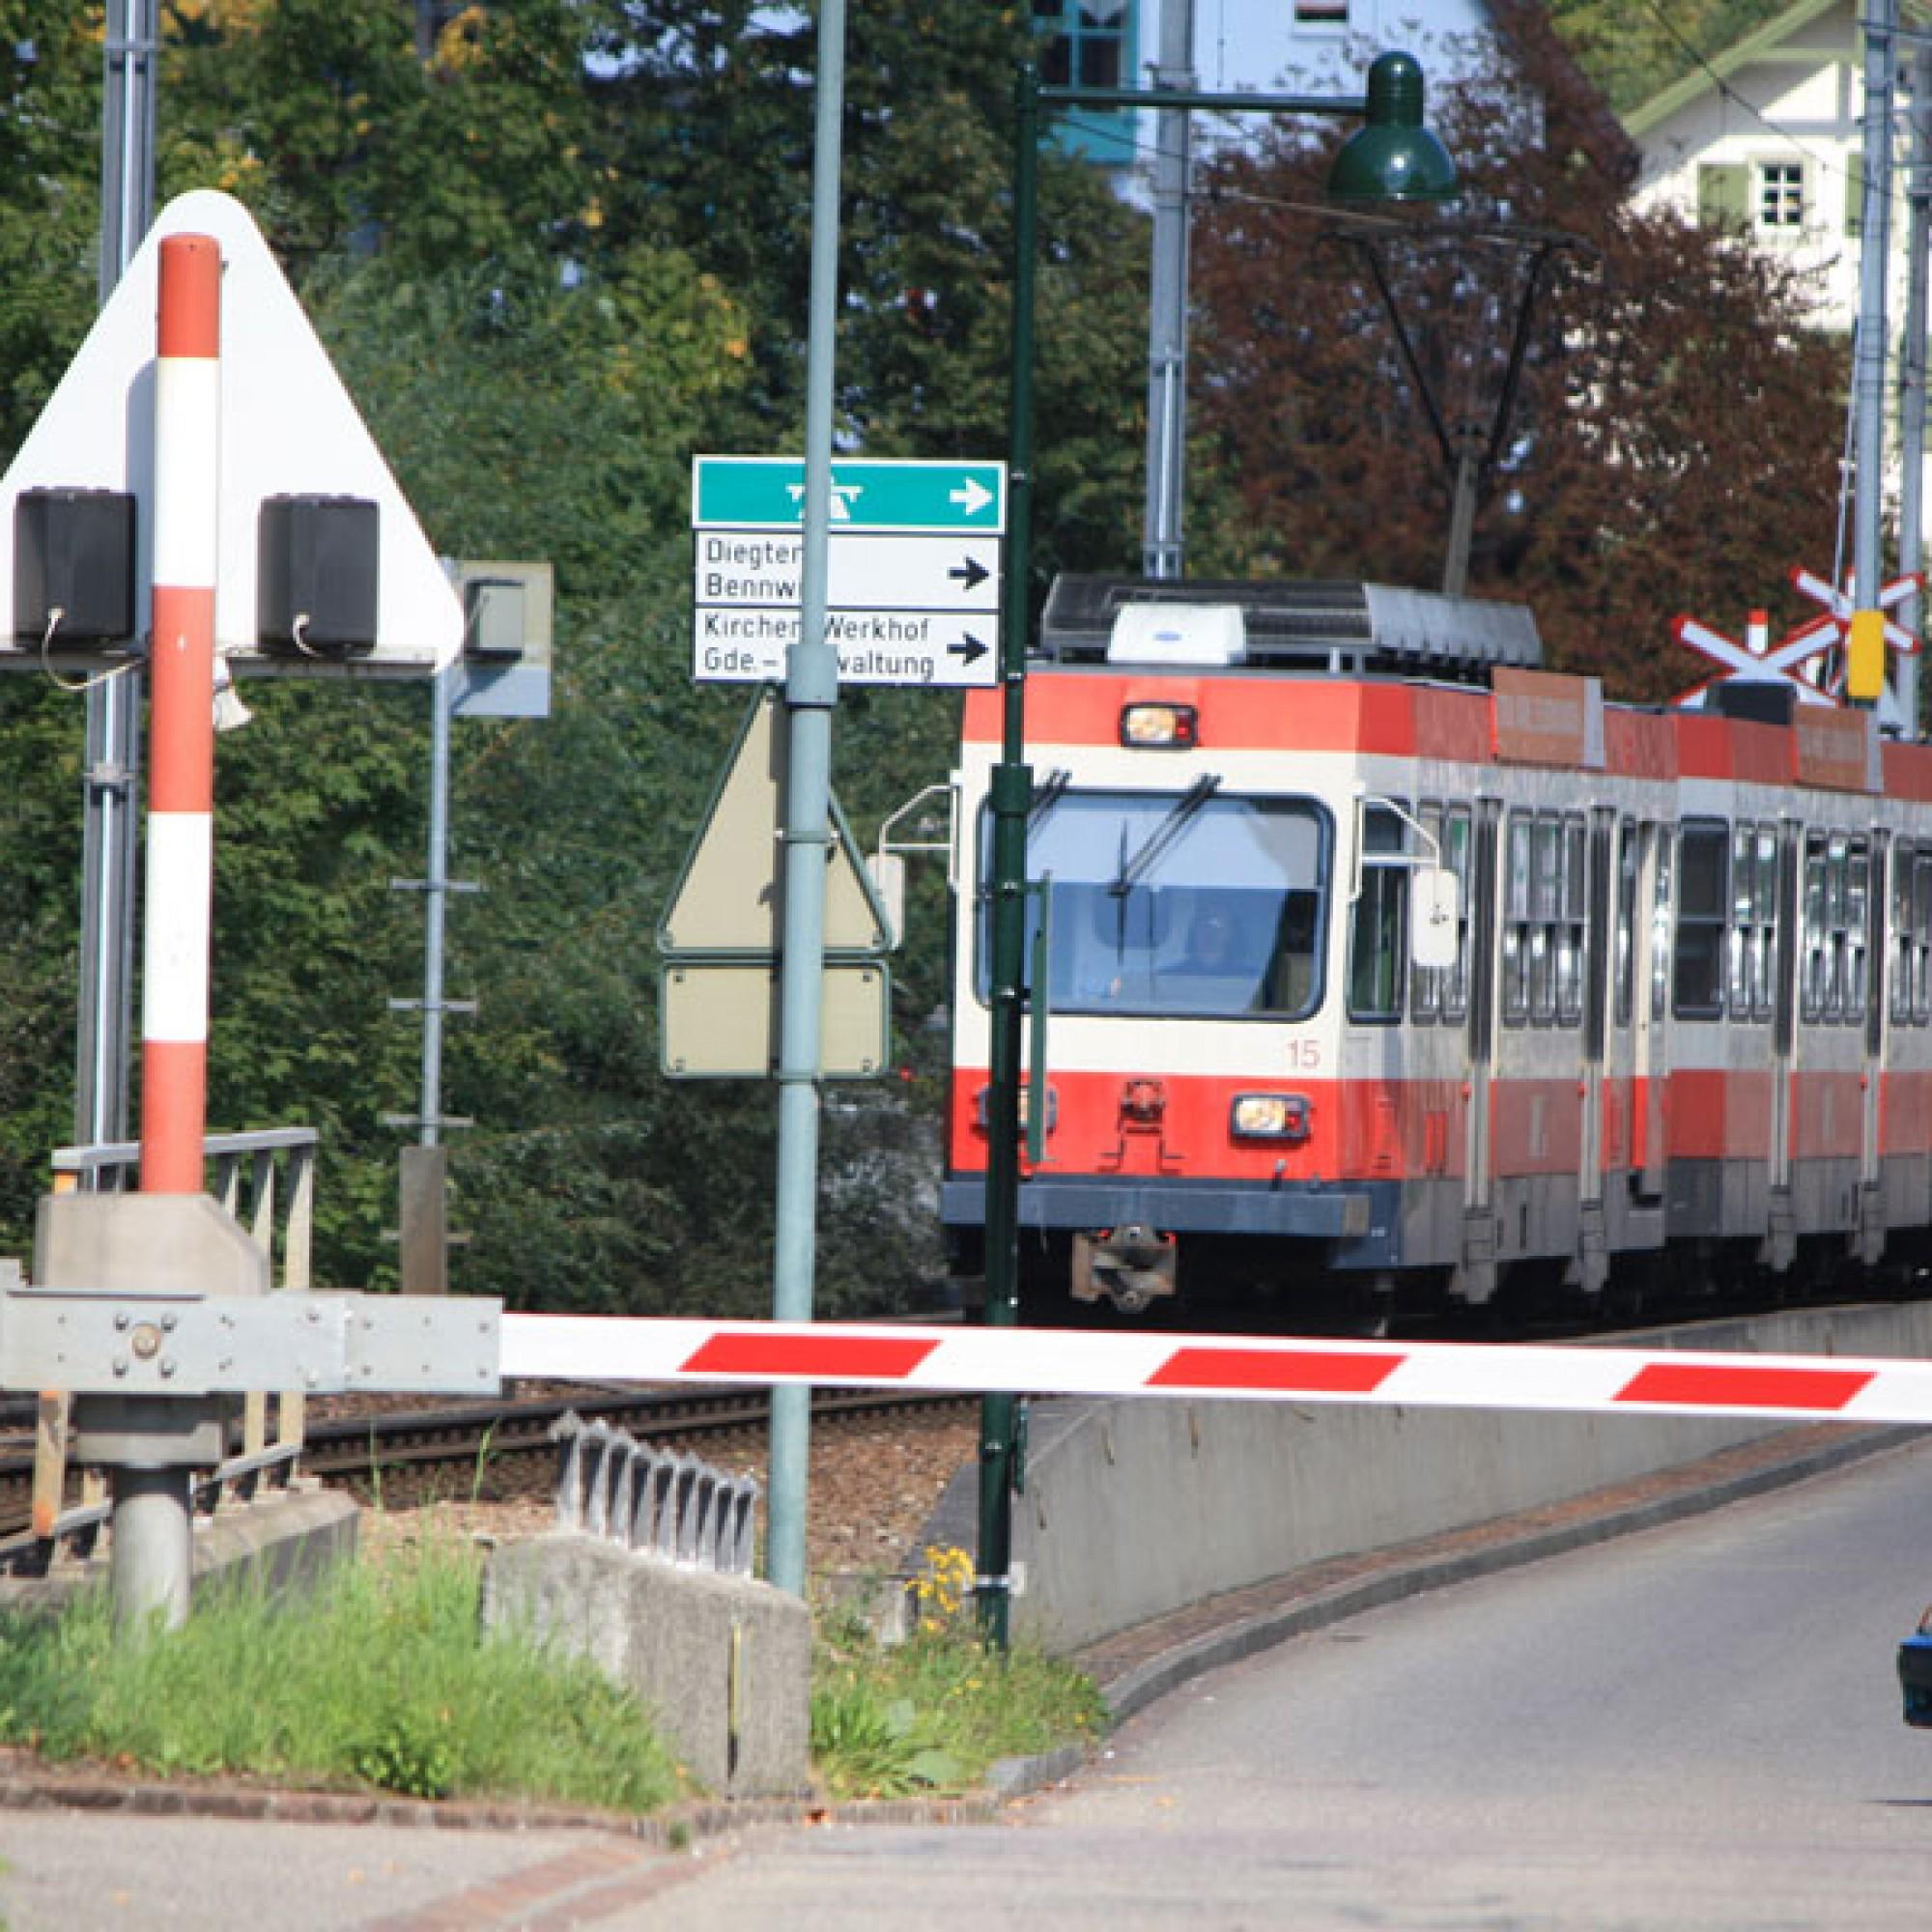 Ein Zug der Waldenburgerbahn rollt durch Hölstein BL (Markus2008, CC BY-SA 3.0, commons.wikimedia.org)